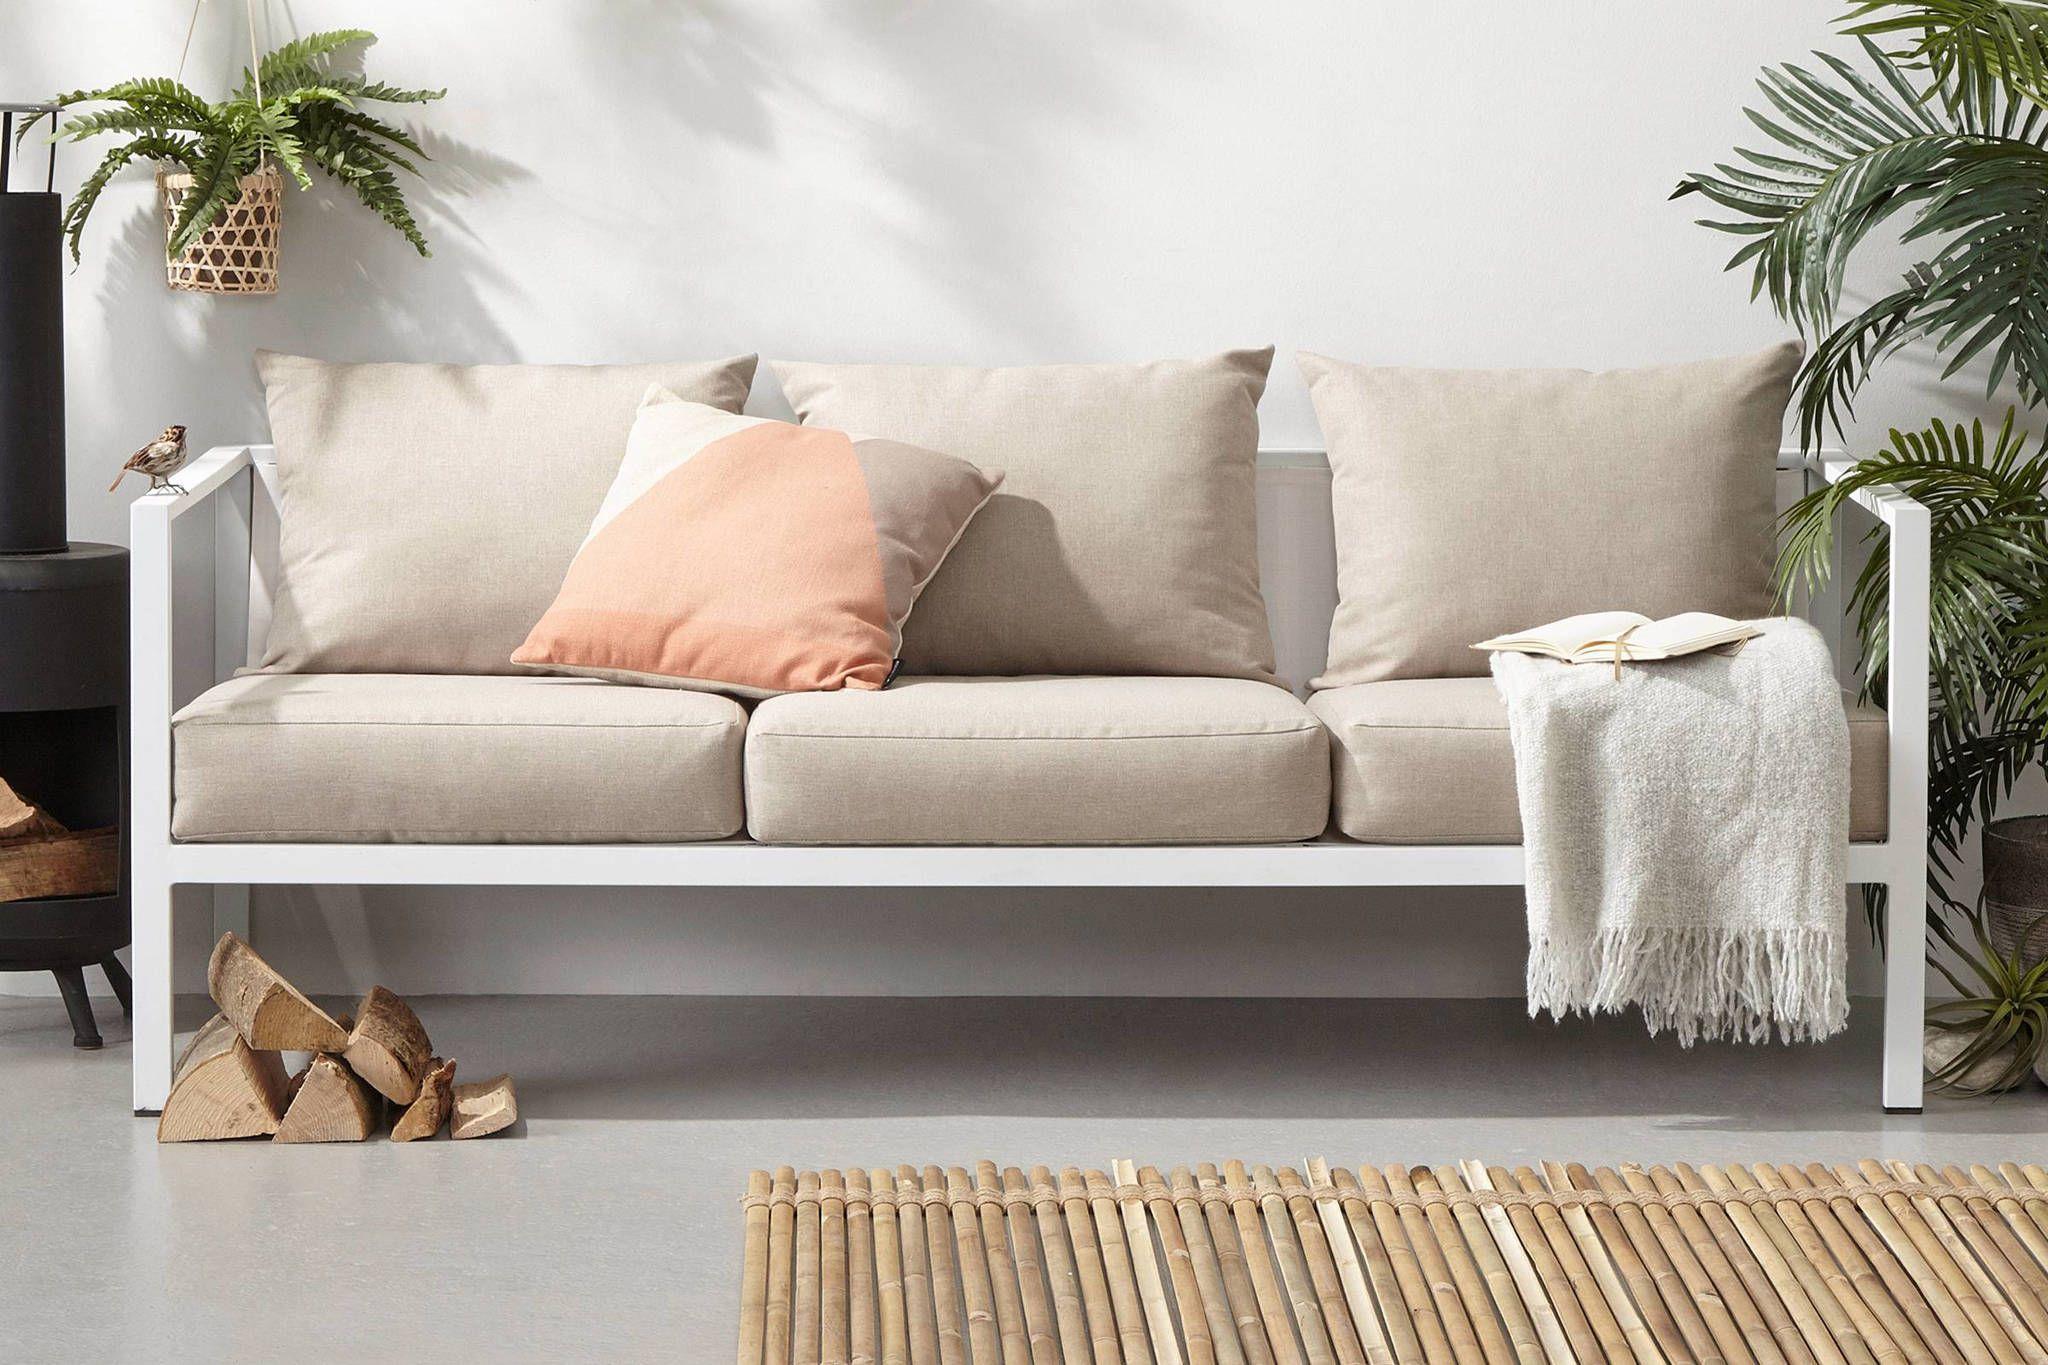 Loungebank Met 2 Fauteuils.Whkmp S Own Loungebank Atlantic In 2019 Dutch House